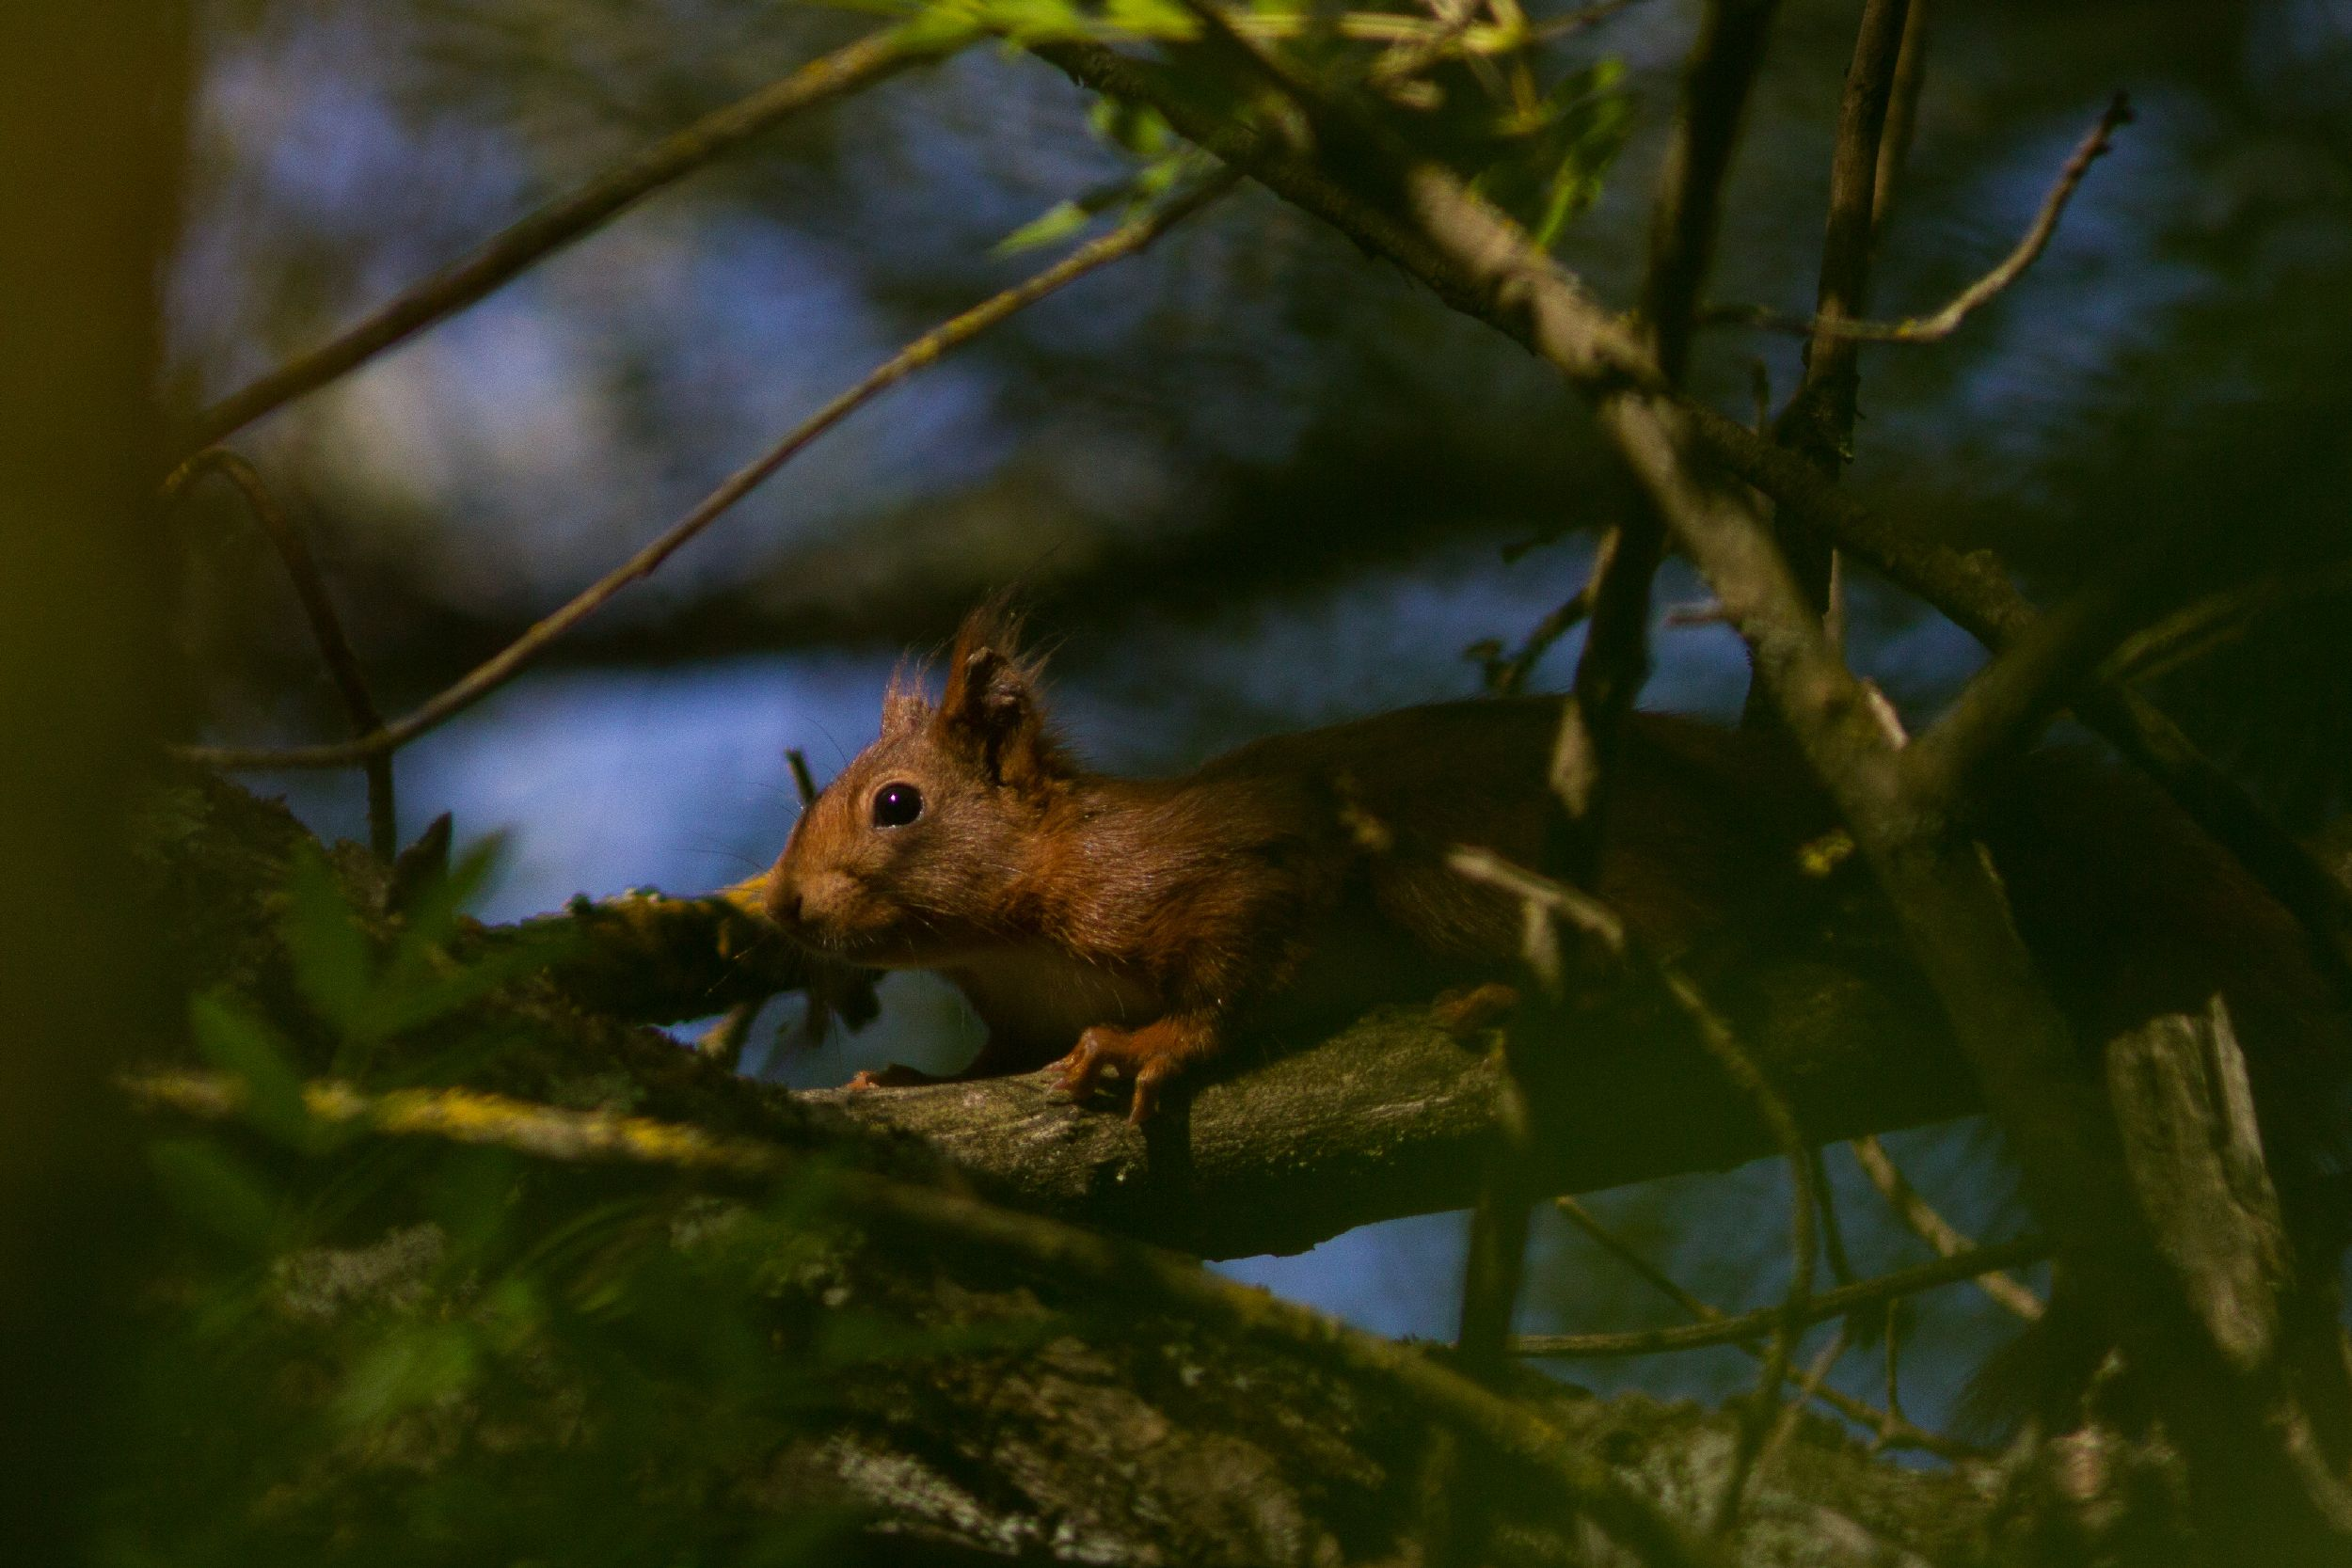 Découvrir la biodiversité du Bois des Espeisses @ Nimes Bois des Espeisses